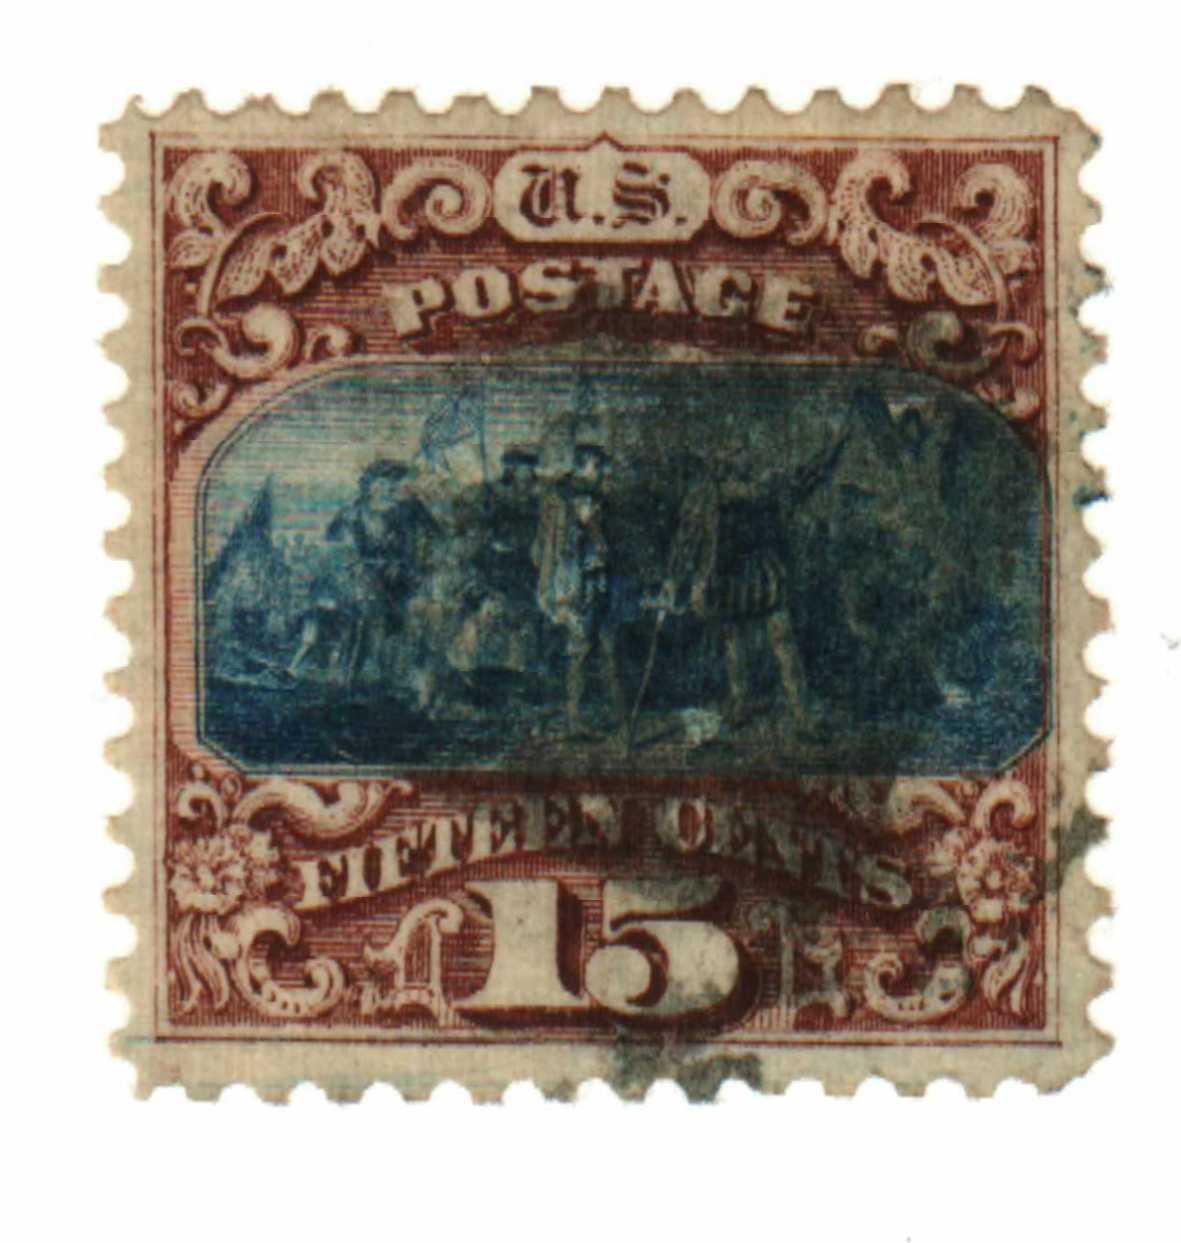 1869 15c Columbus Landing, type I